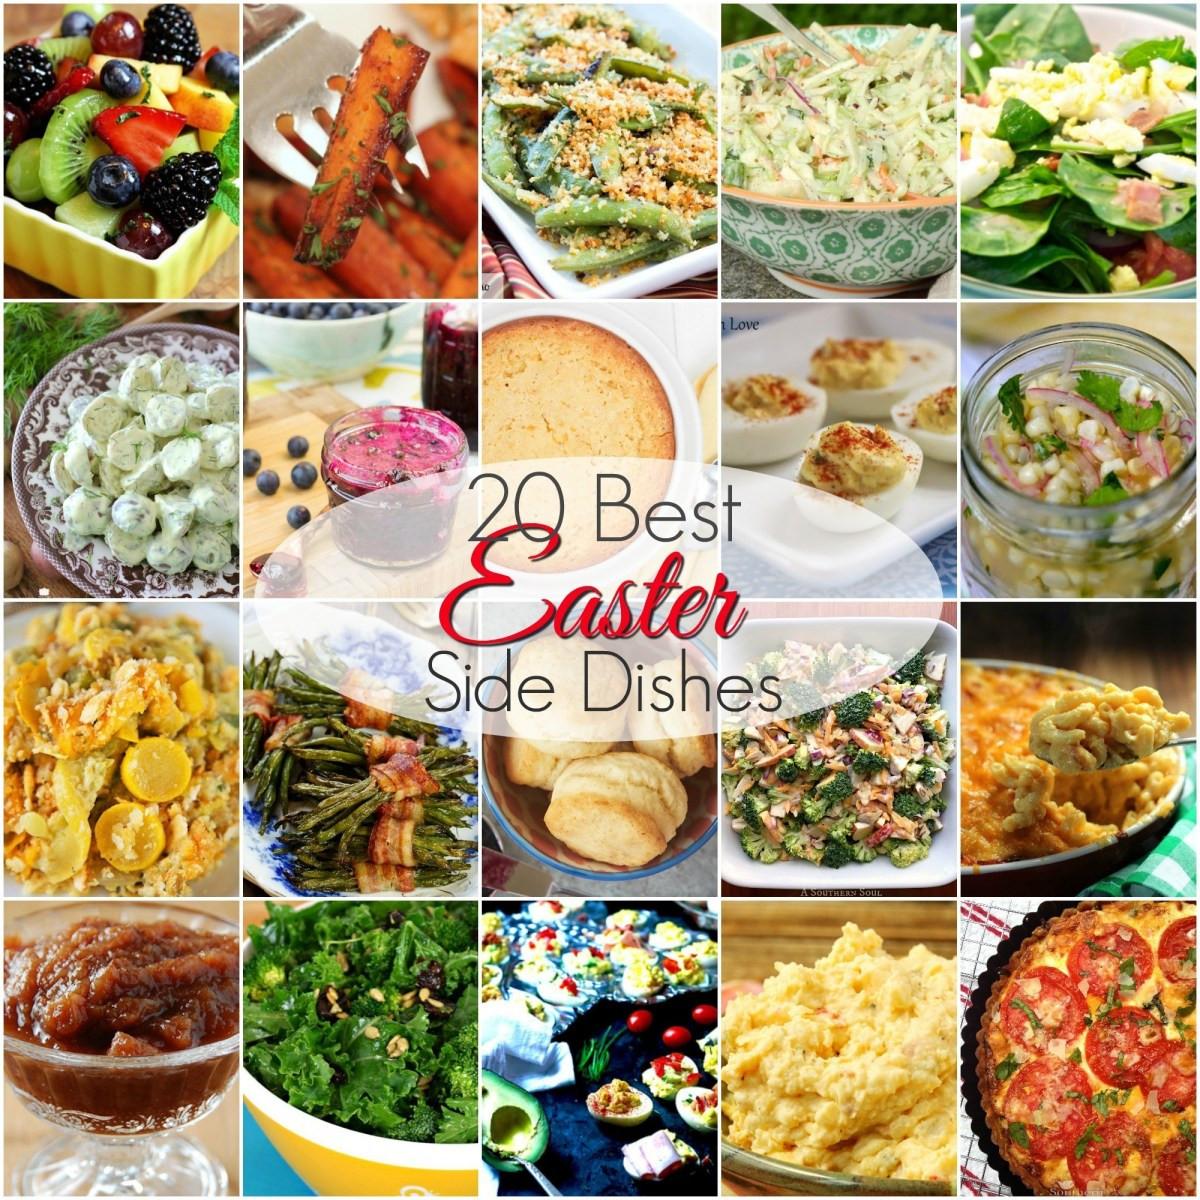 Easter Brunch Side Dishes  20 BEST Easter Side Dishes